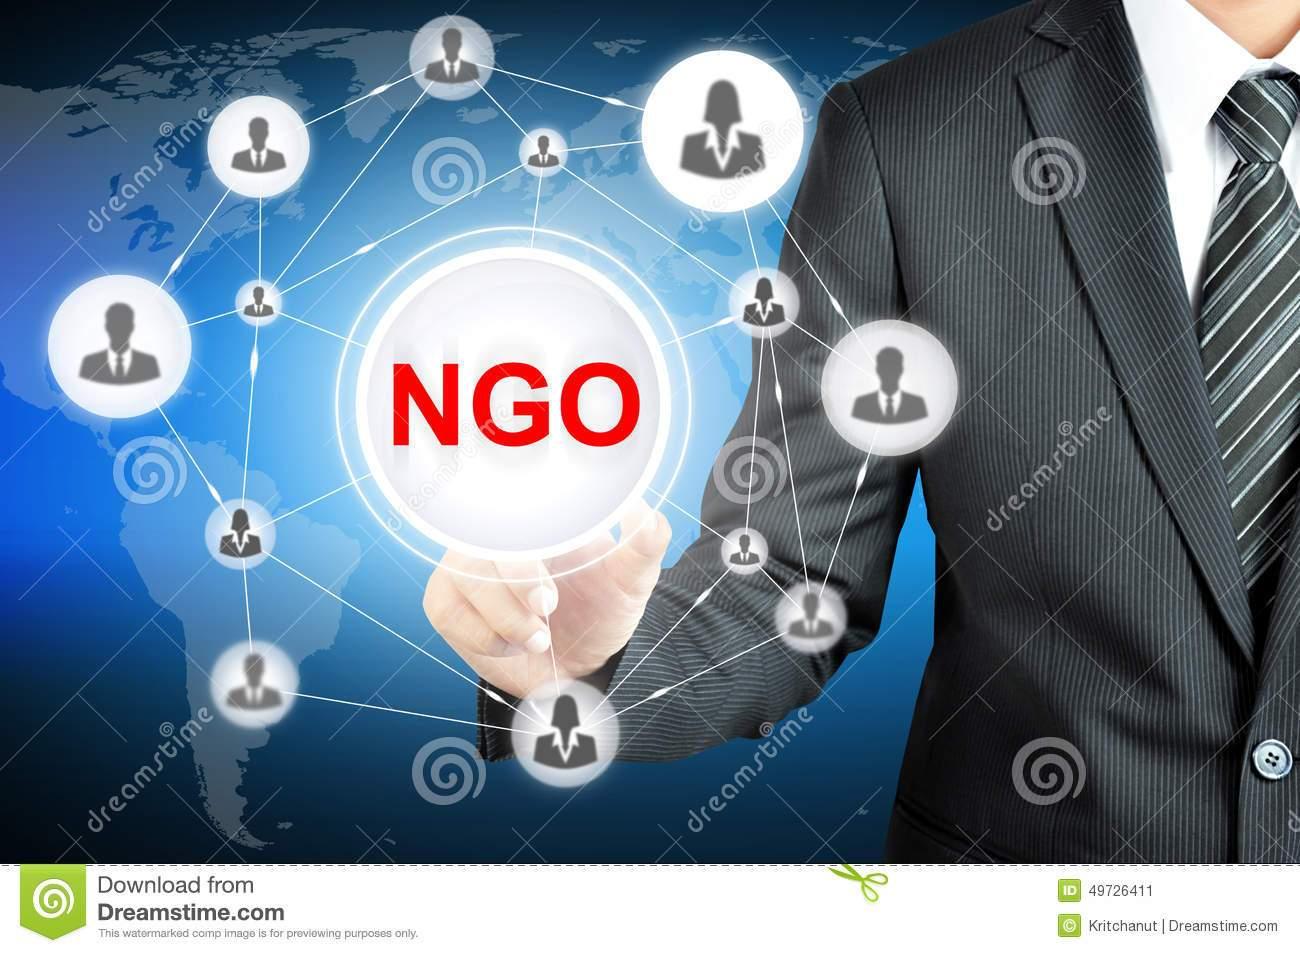 Ngo clipart image transparent library Ngo clipart 5 » Clipart Portal image transparent library